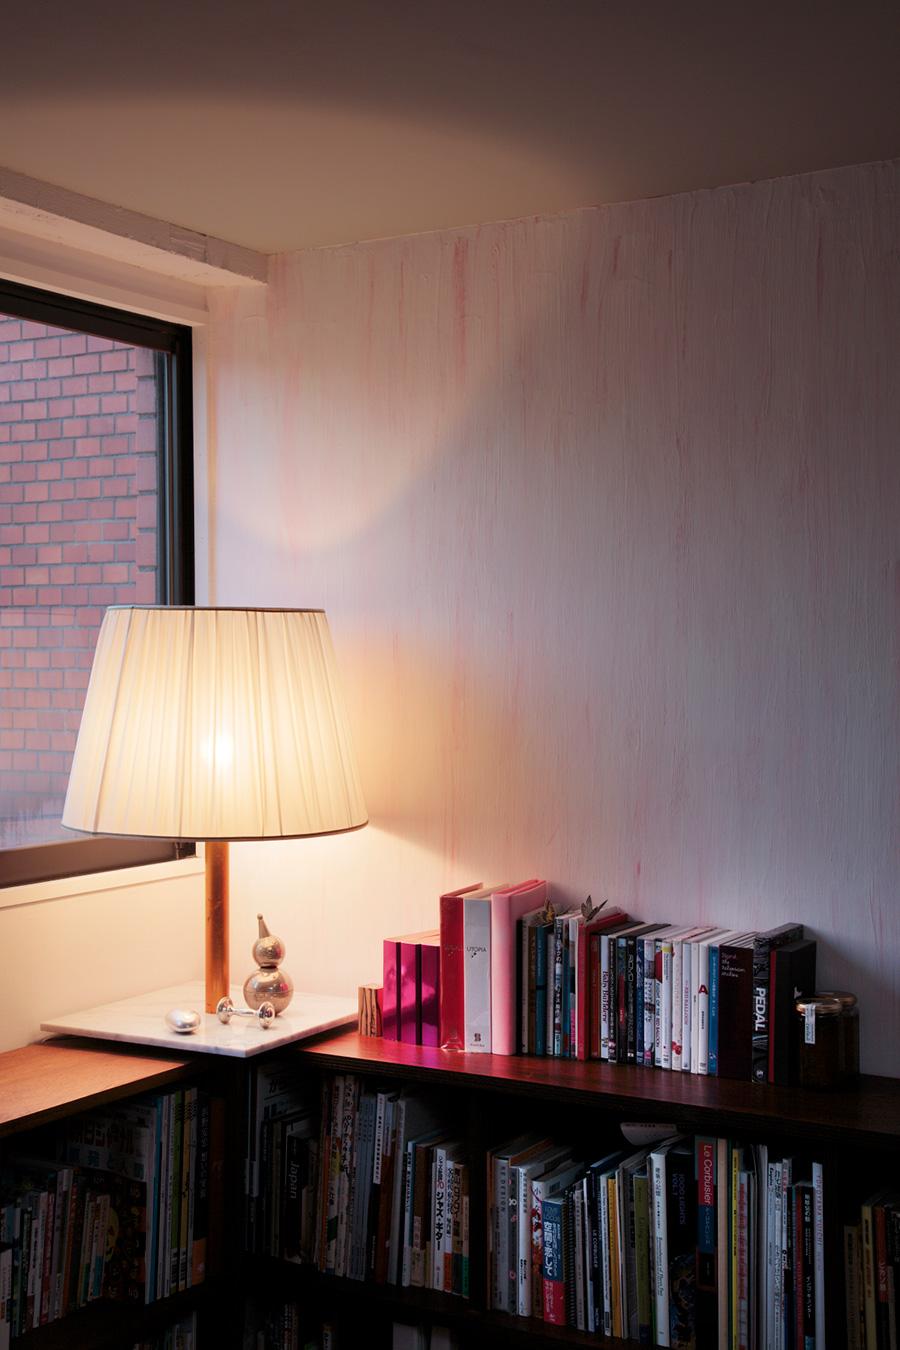 白熱ランプで100〜200W相当の、大きな容量のランプが入ったパワースタンド。いくつも照明器具をつけなくても明るさが確保できるのでおすすめ。